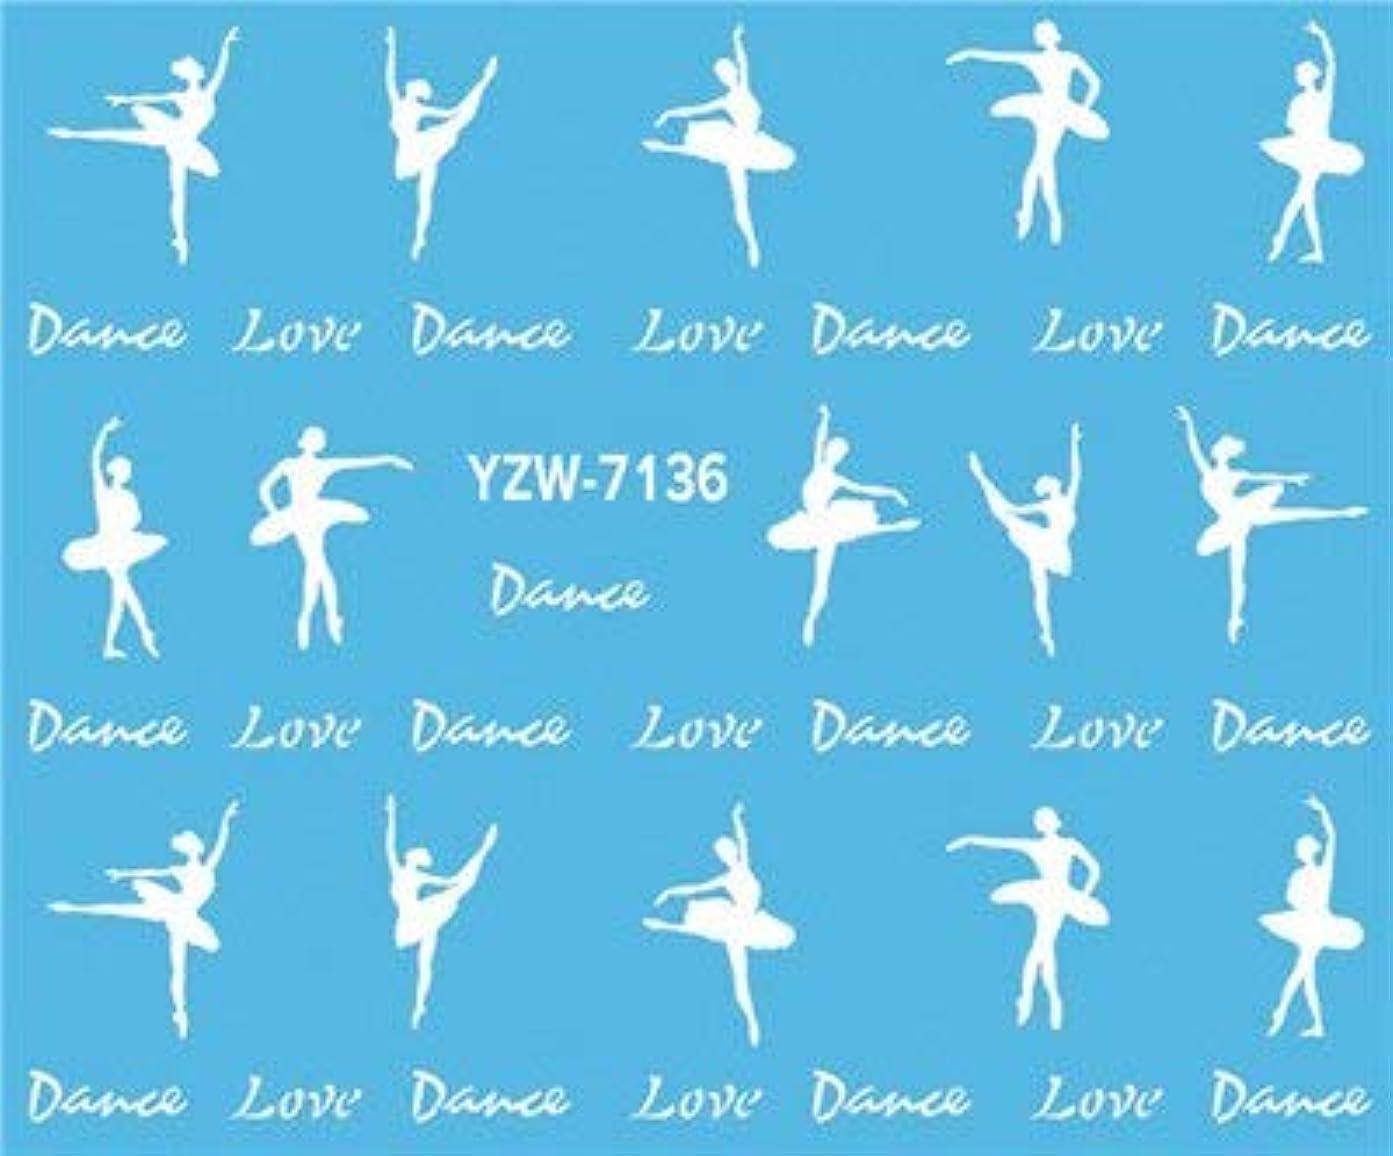 素晴らしい良い多くのかりて遊びますSUKTI&XIAO ネイルステッカー 美しいダンスガールネイルアートチャームDiy透かしデカールネイルアートステッカーの装飾